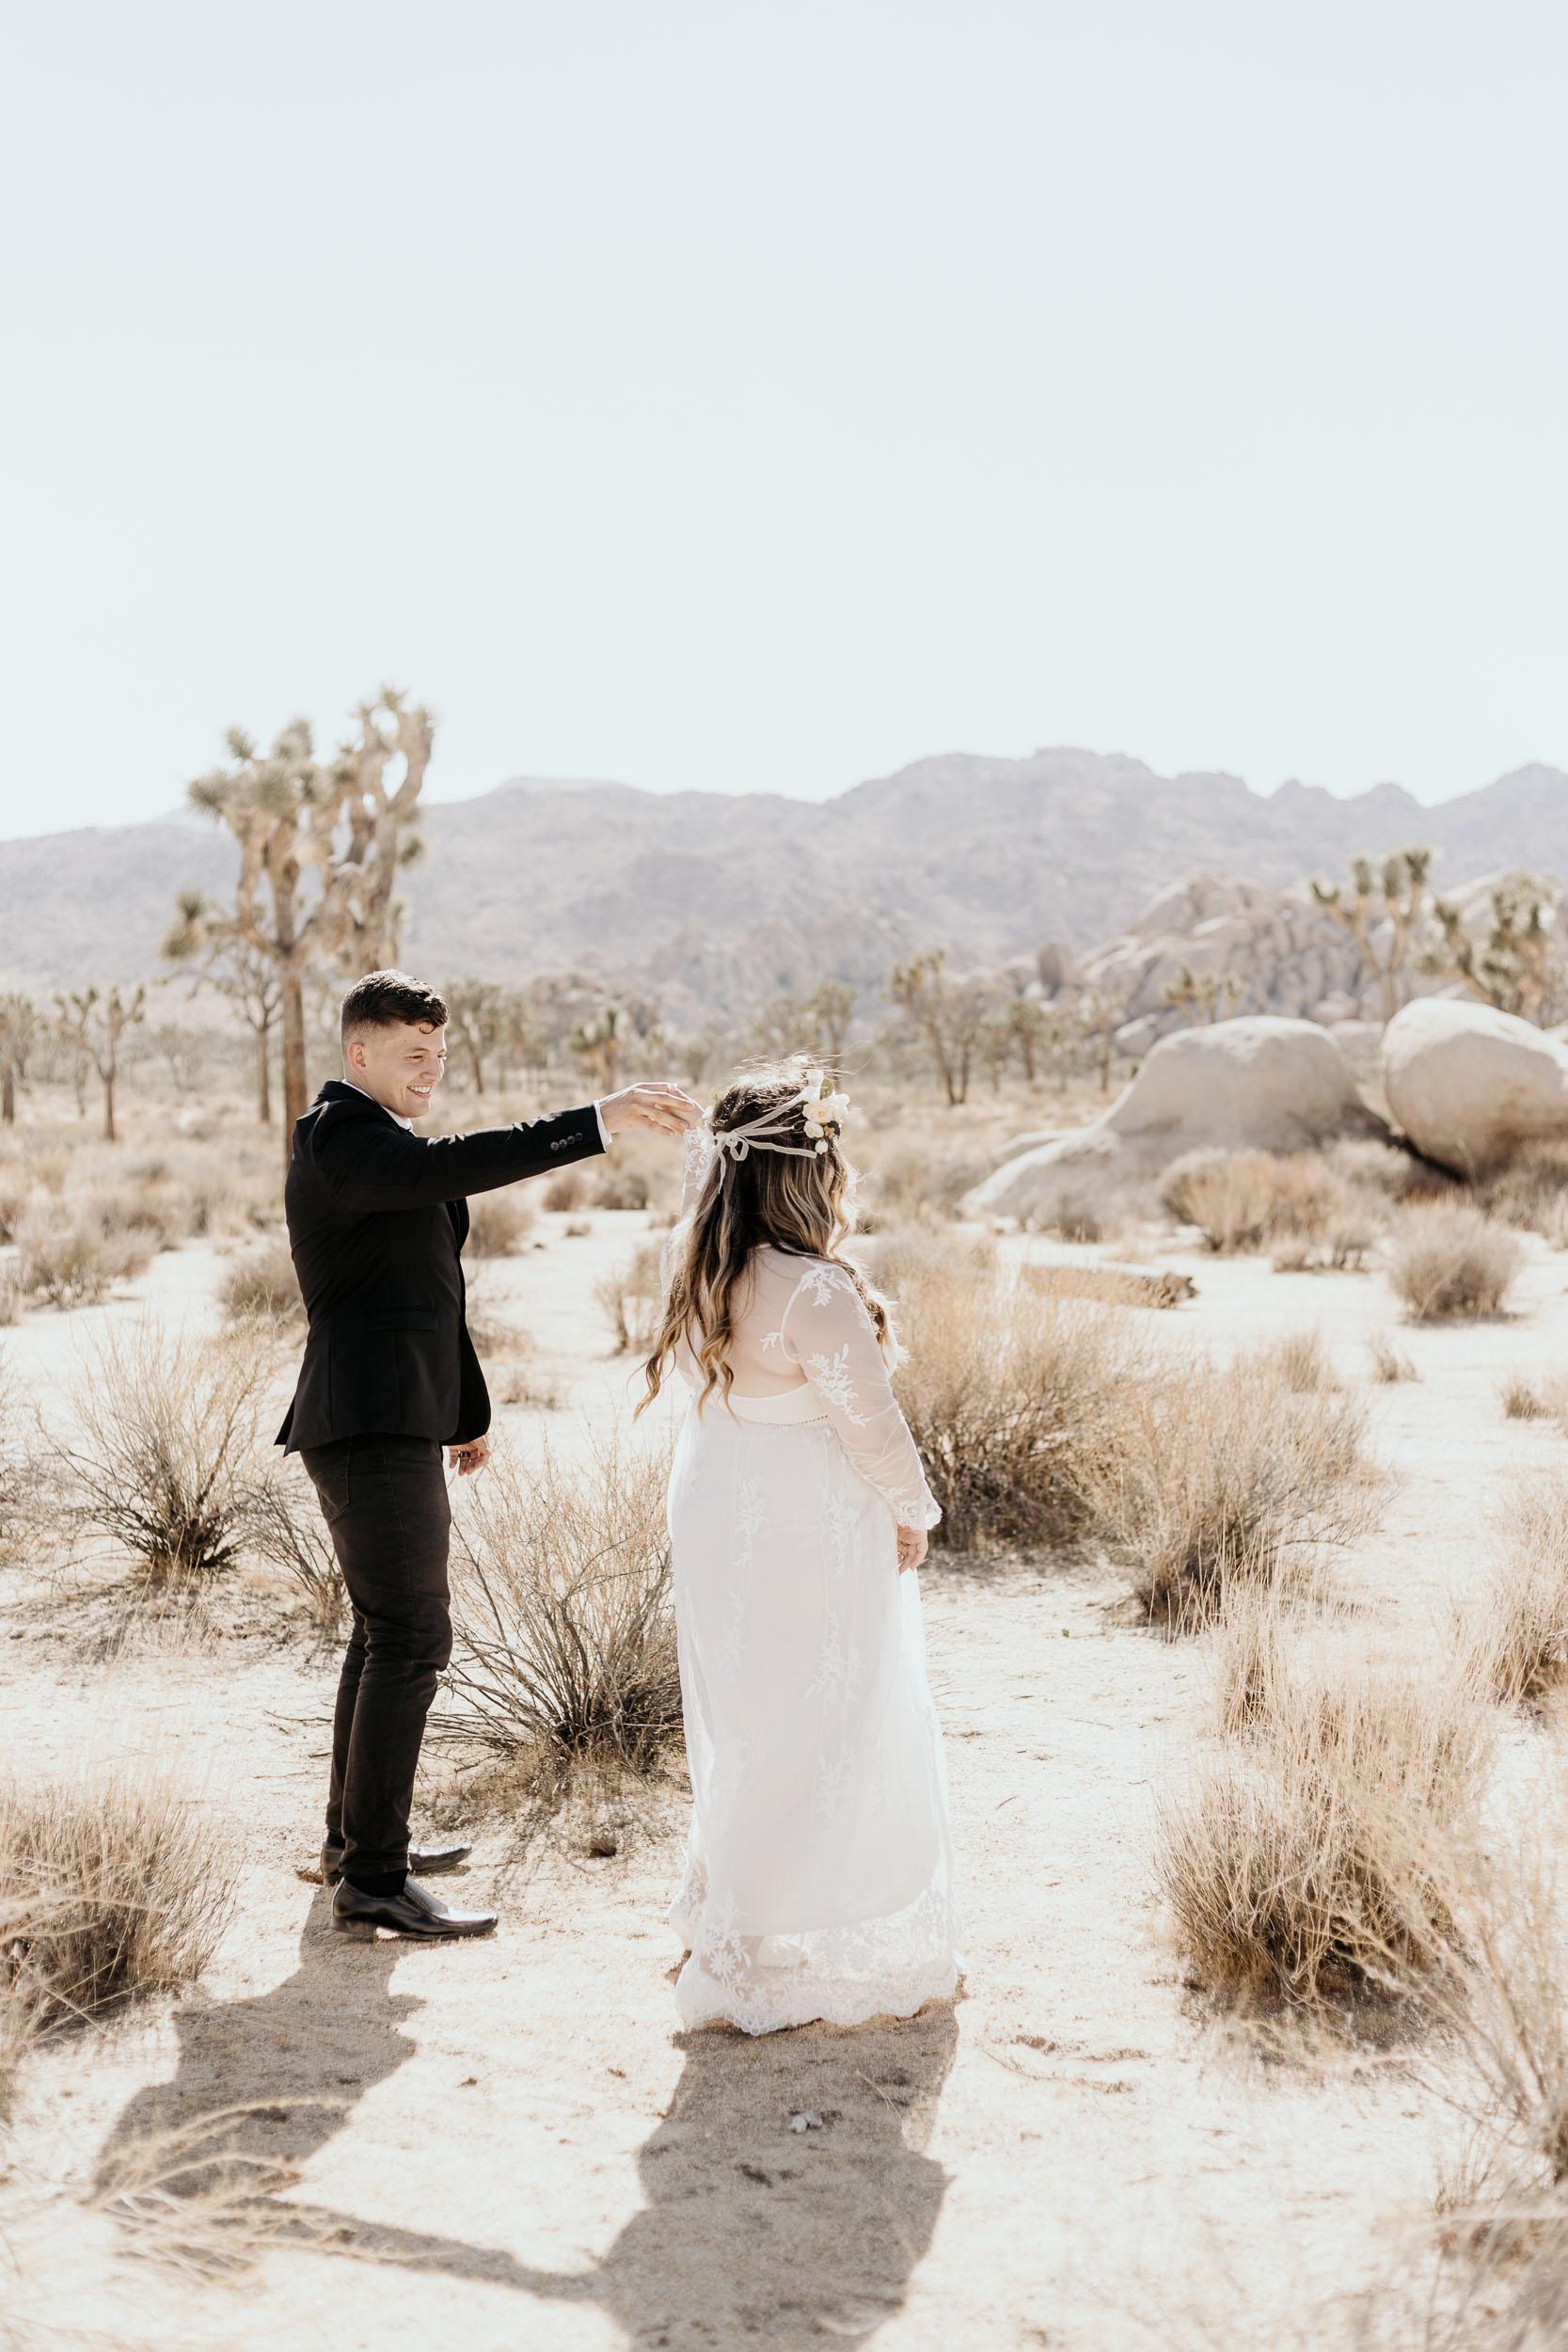 intimate-wedding-elopement-photographer-ottawa-joshua-tree-0267.jpg